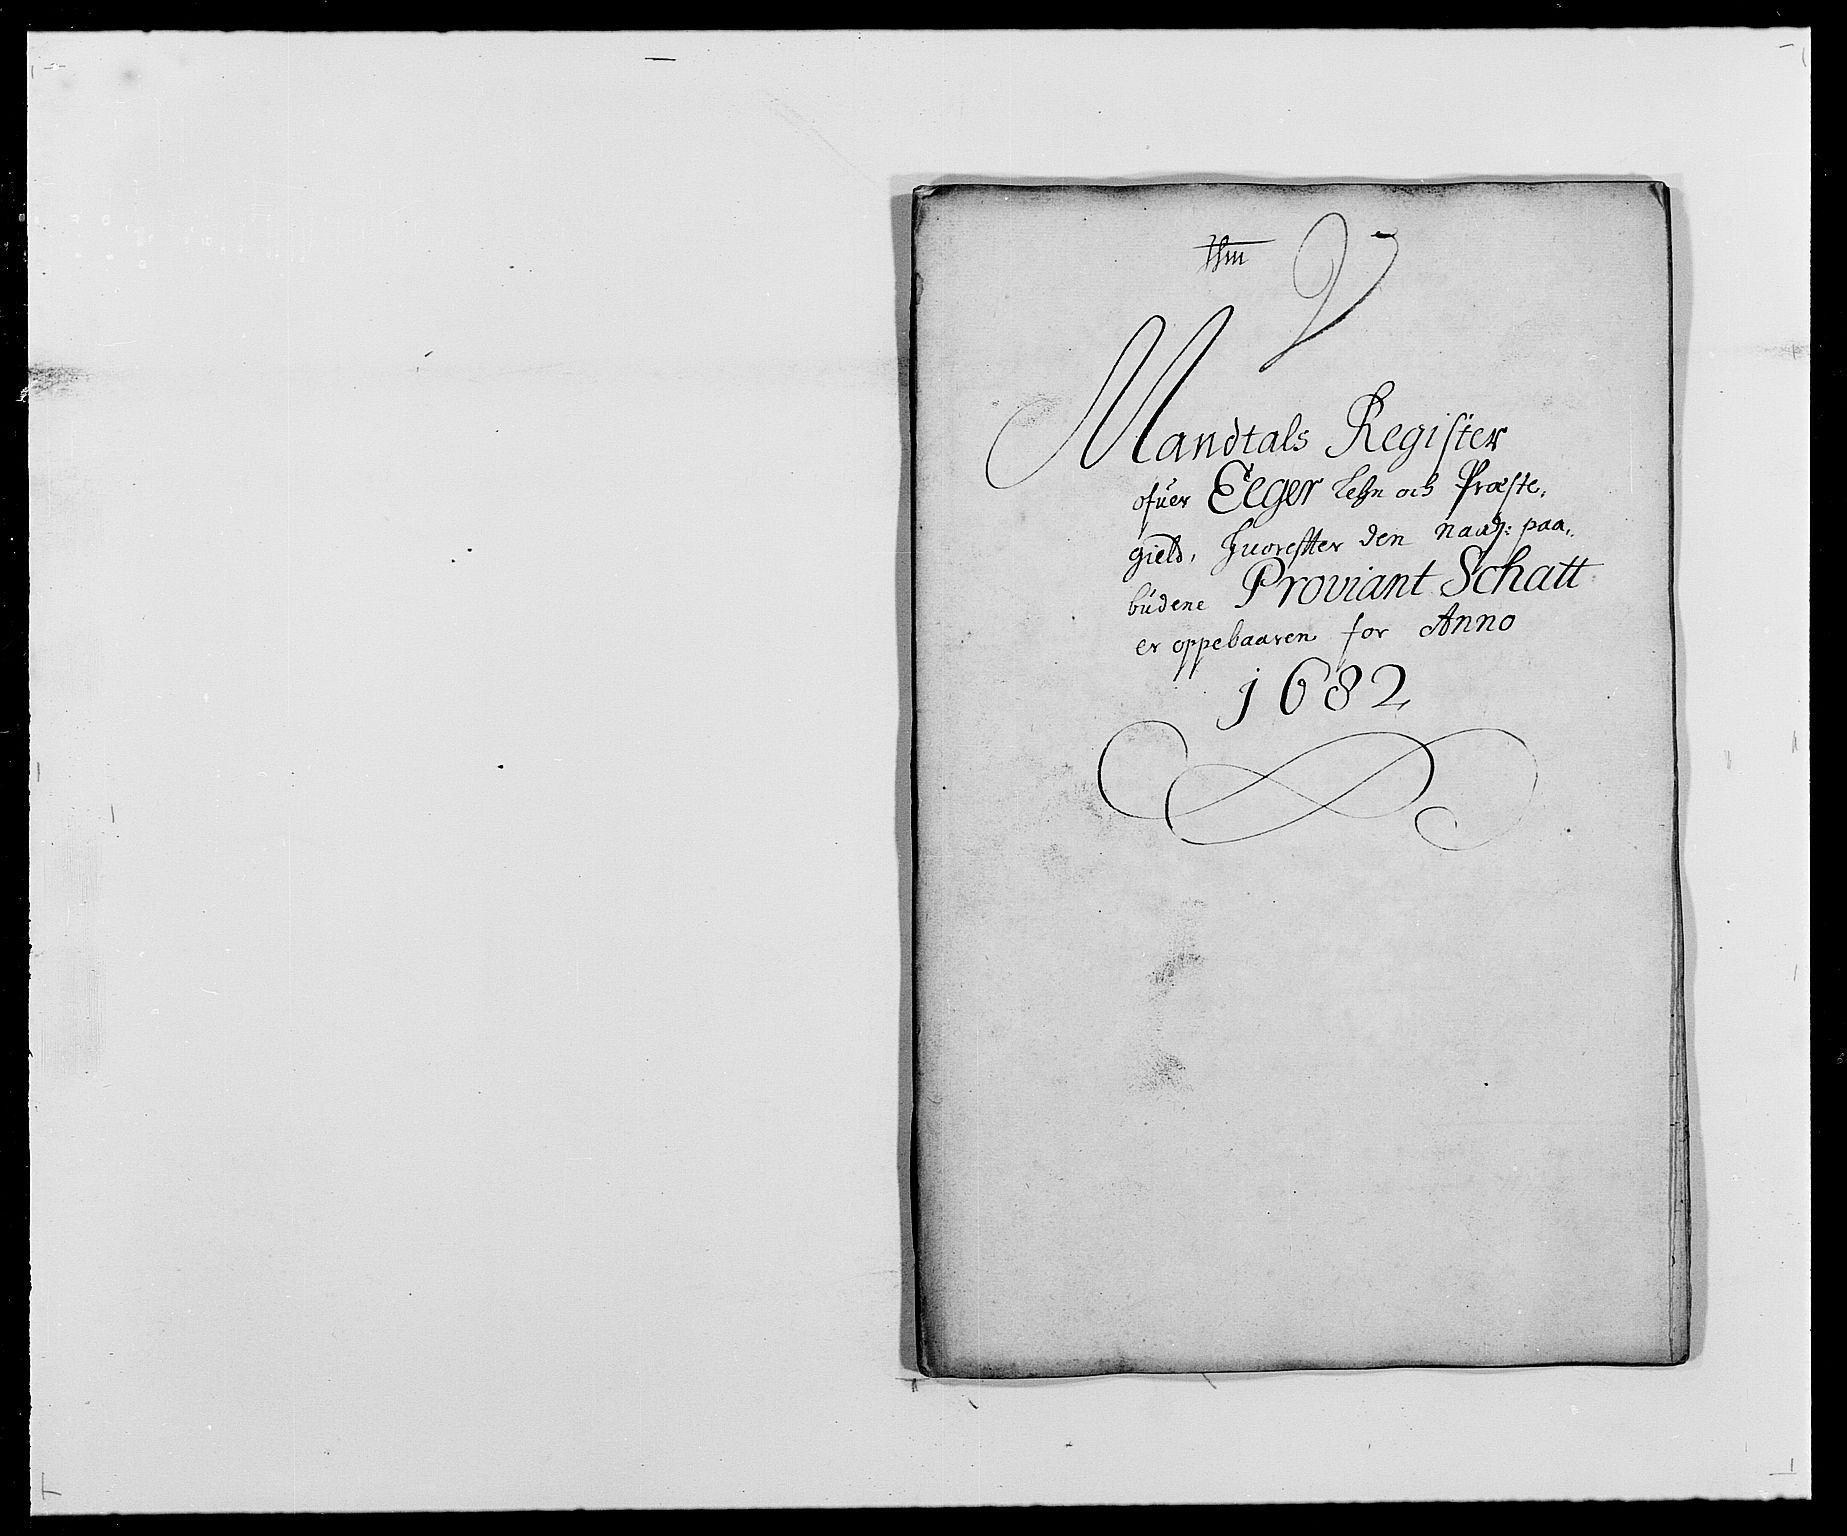 RA, Rentekammeret inntil 1814, Reviderte regnskaper, Fogderegnskap, R26/L1684: Fogderegnskap Eiker, 1679-1686, s. 284